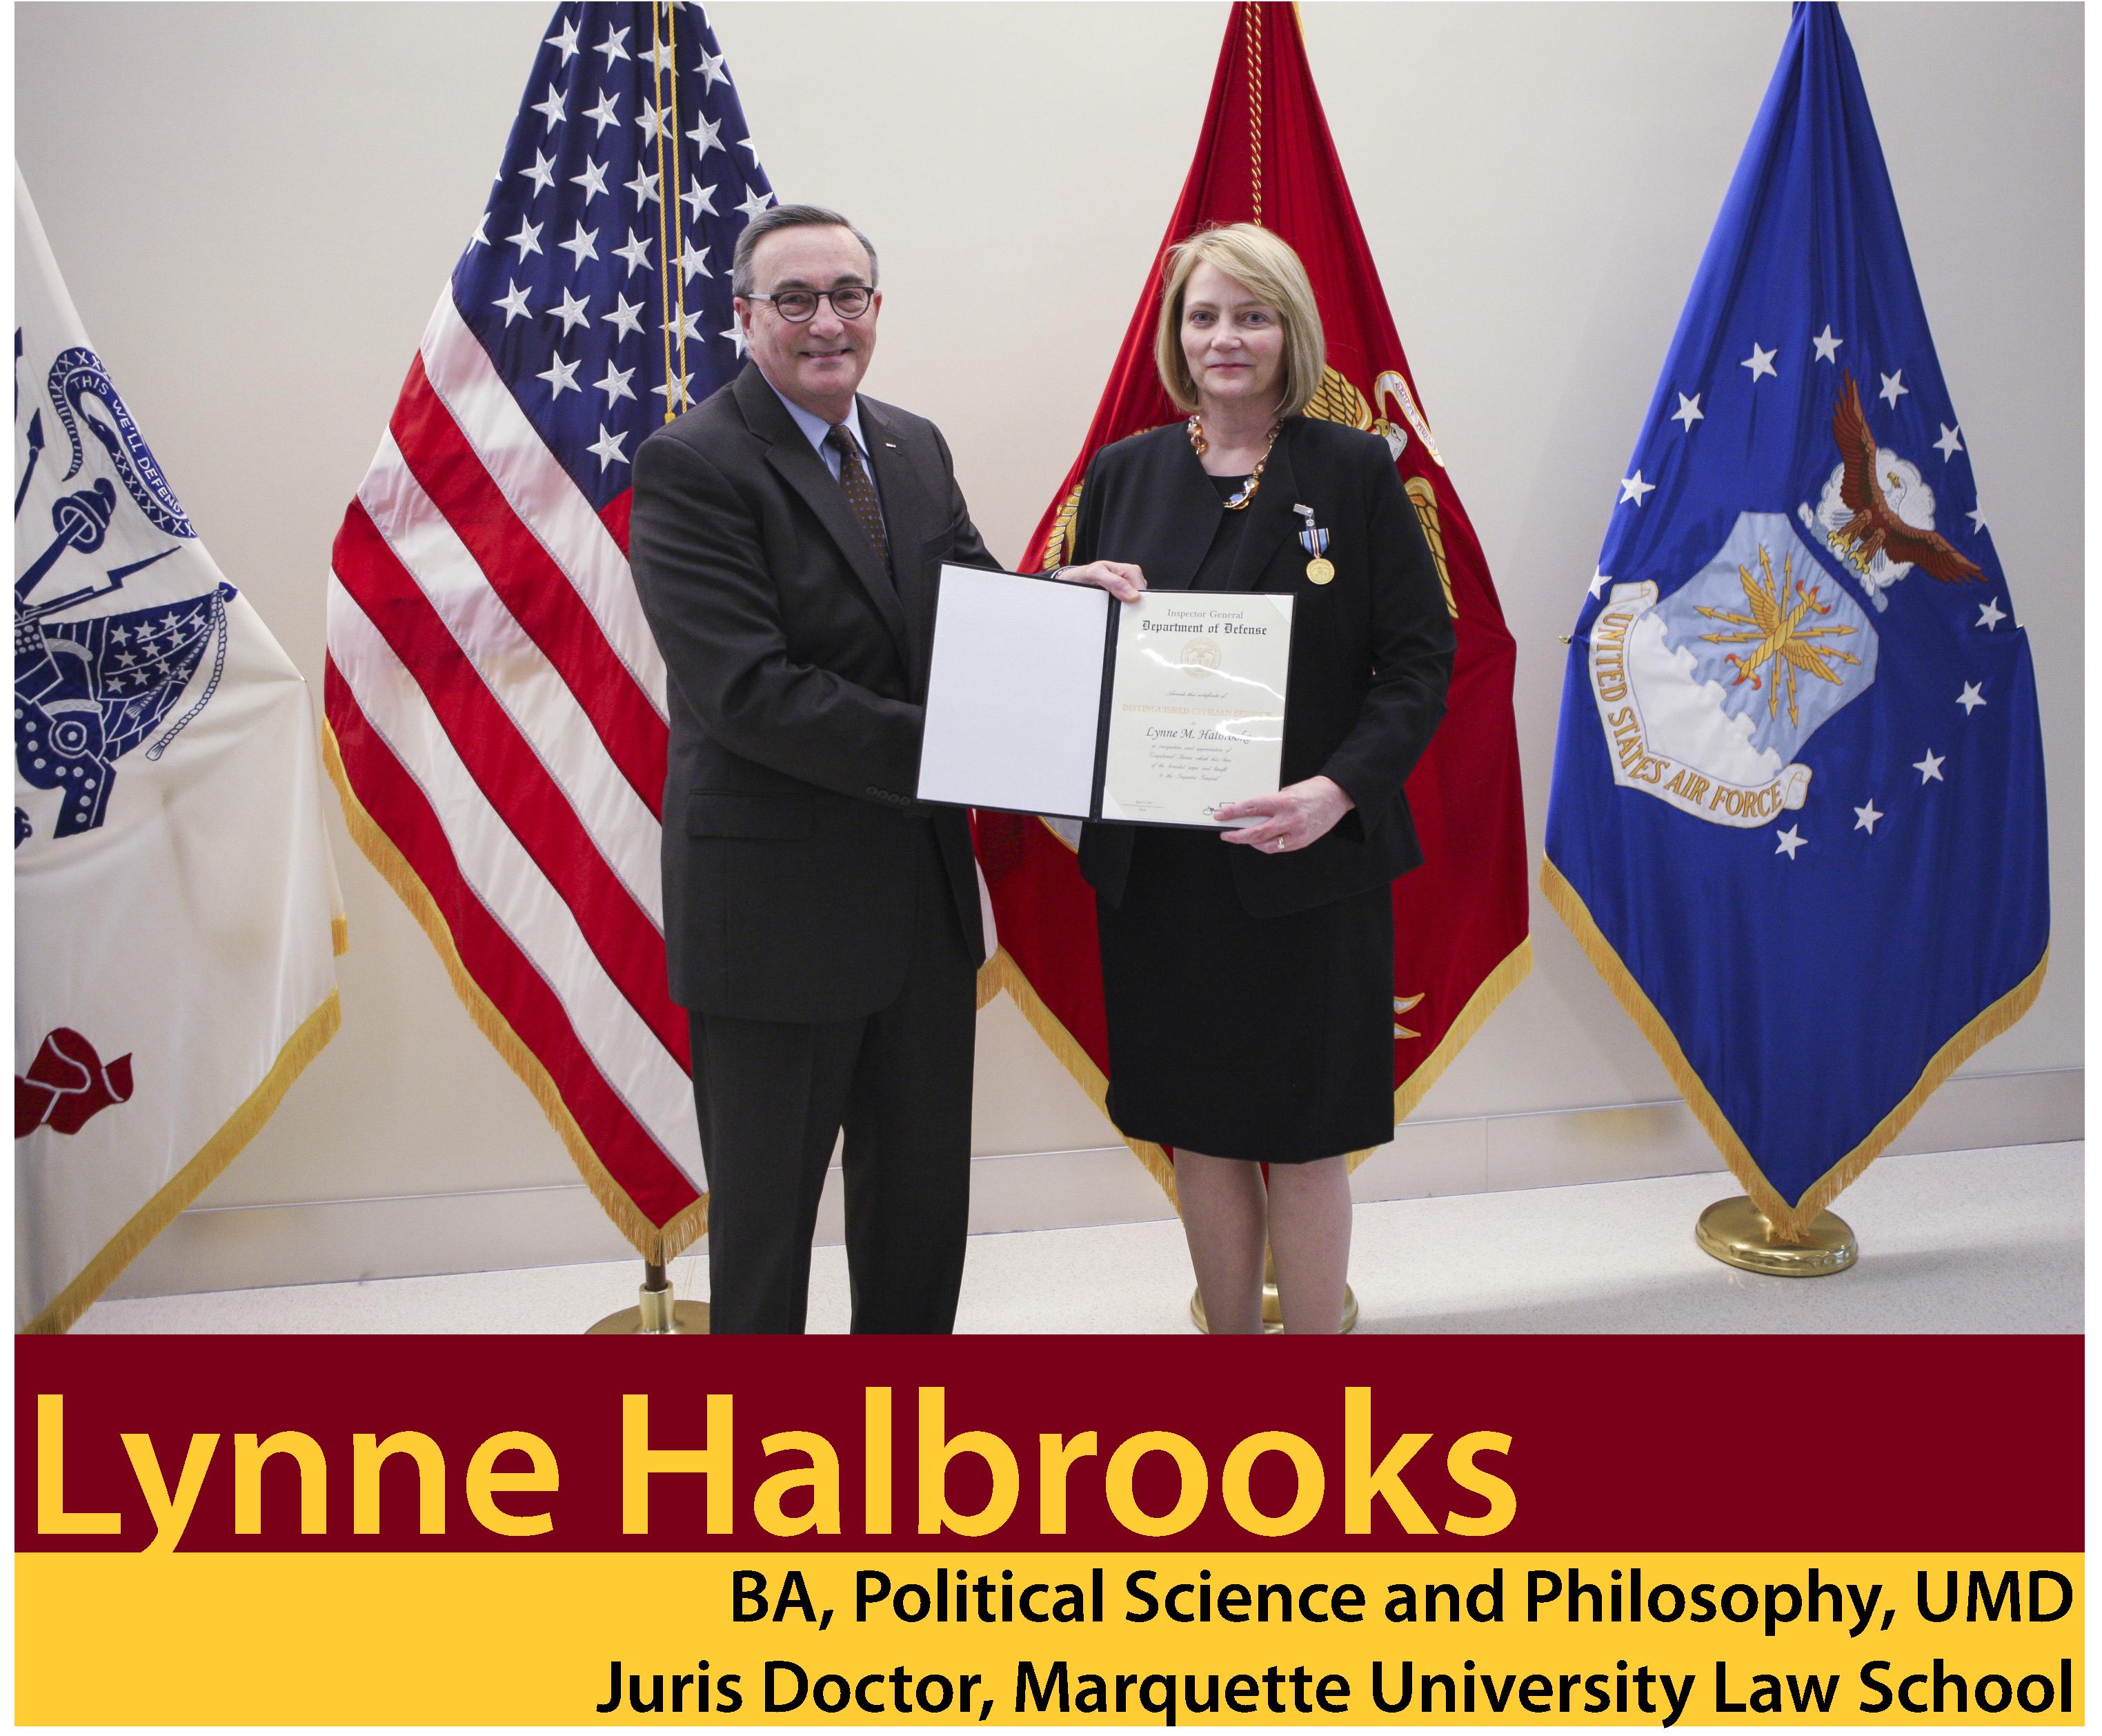 Alumni Photo: Lynne Halbrooks